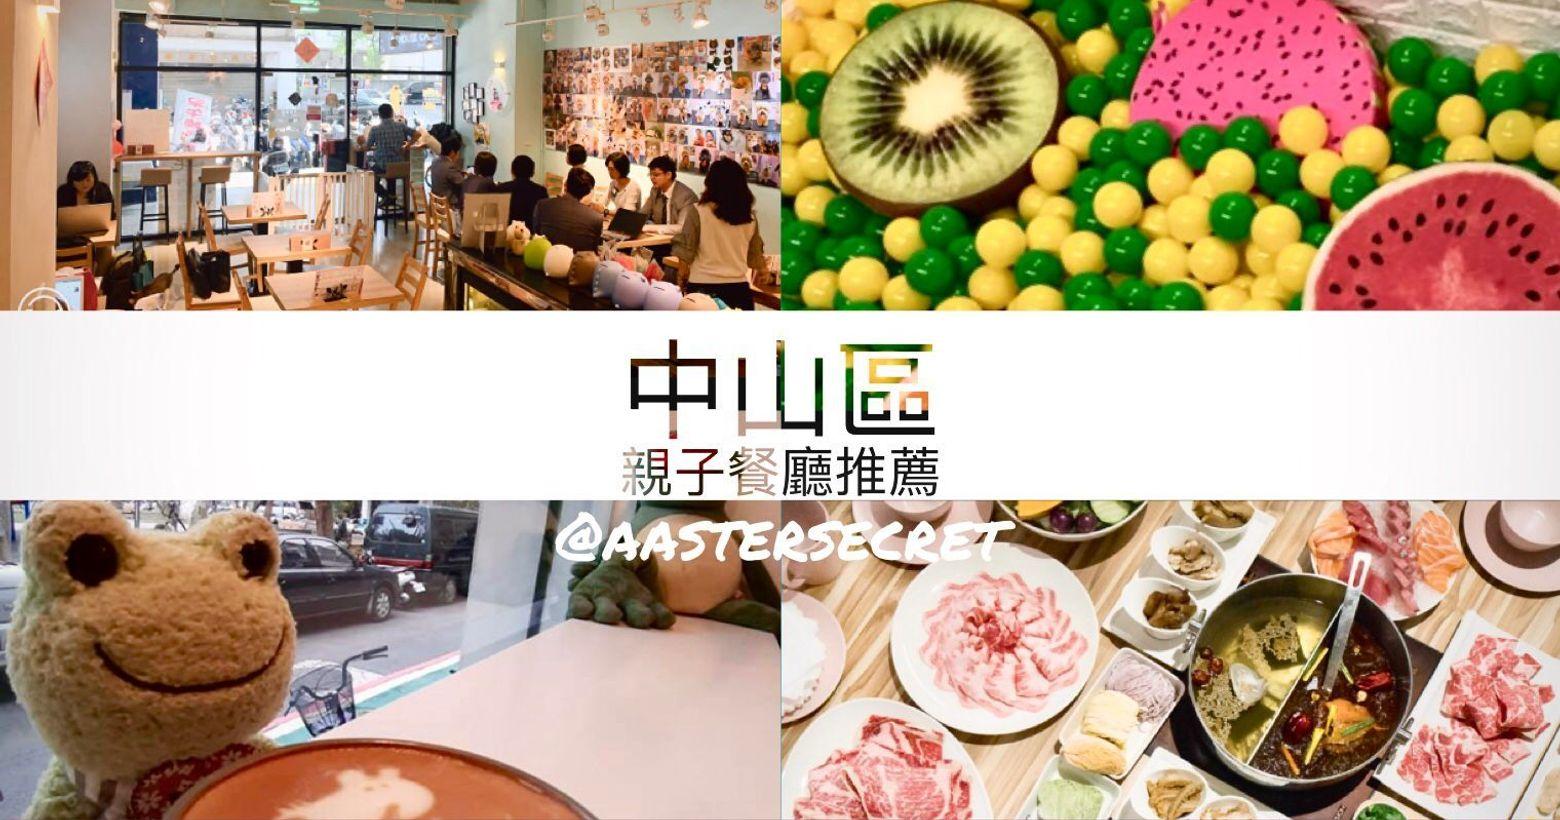 2021最新 台北中山區親子餐廳推薦,一次給你5間超人氣親子餐廳懶人包(持續更新) 親子餐廳出現真的